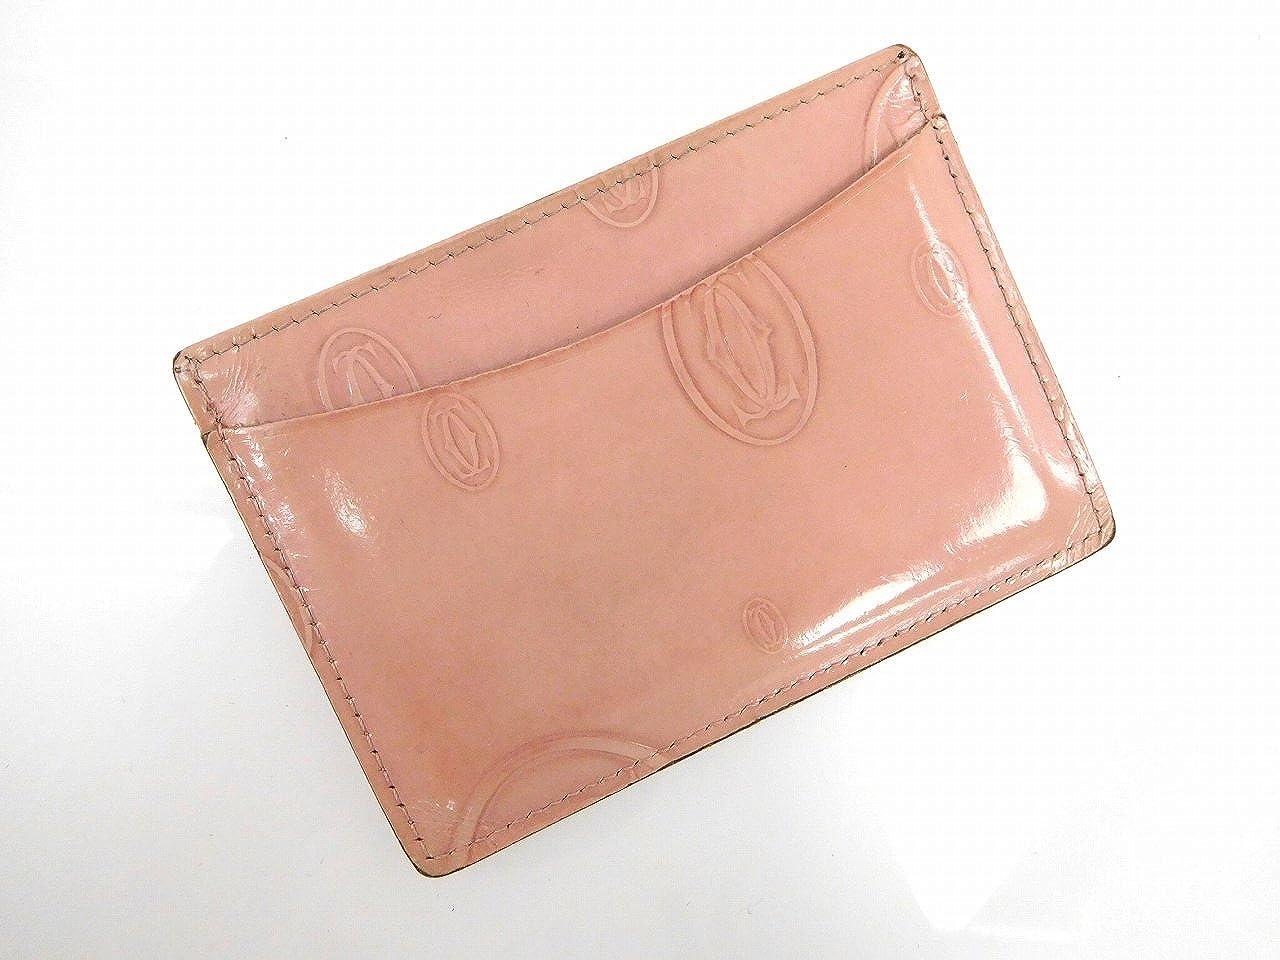 [カルティエ] Cartier カードケース エナメルレザー X11775 中古   B01H6Y1P38